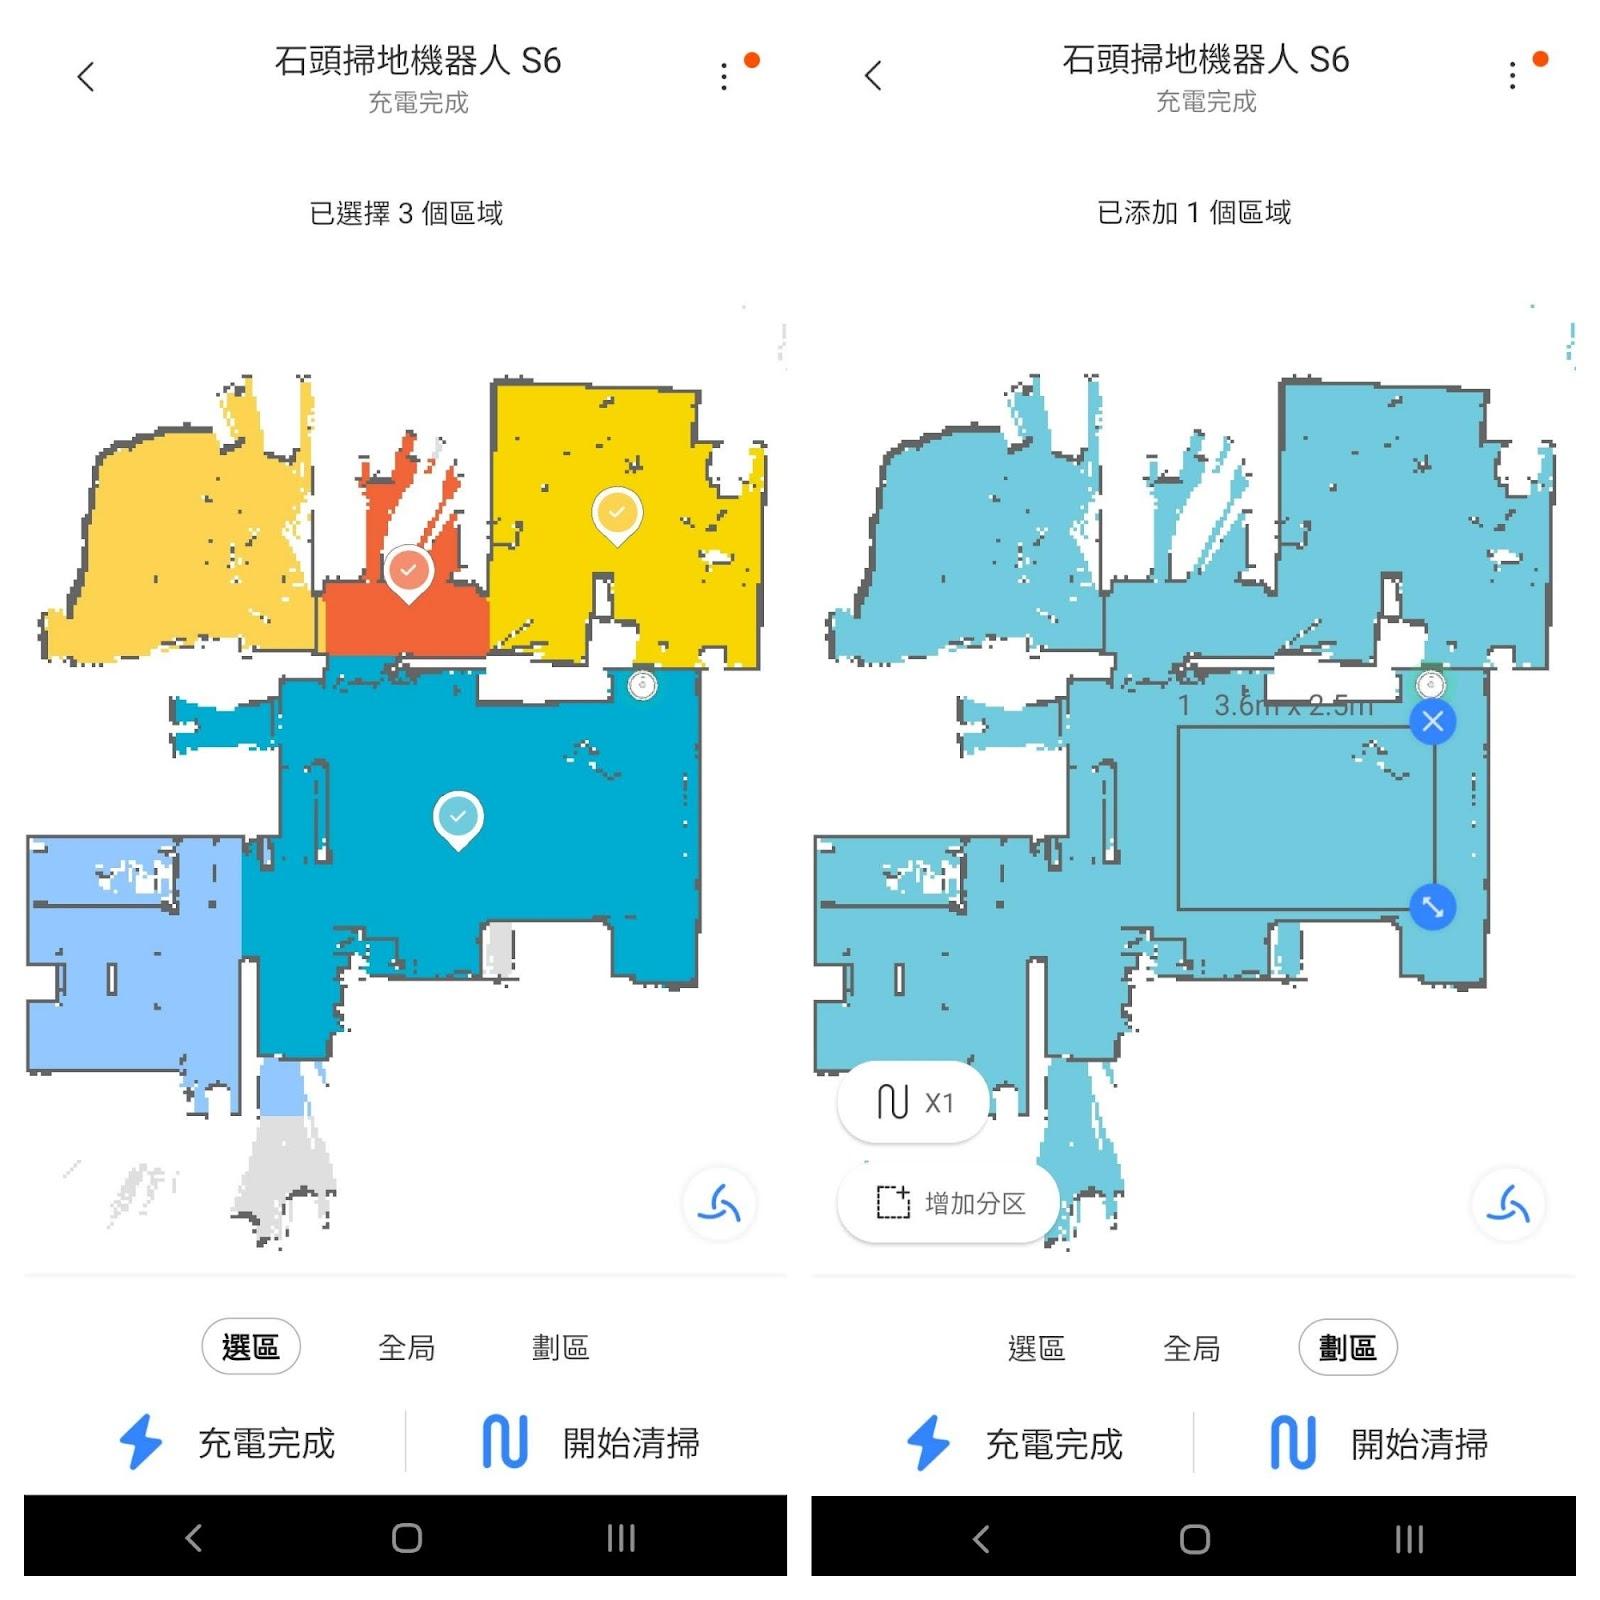 趁雙十一買個石頭掃地機器人二代 S6 開箱~換取太太&居家和樂QQ